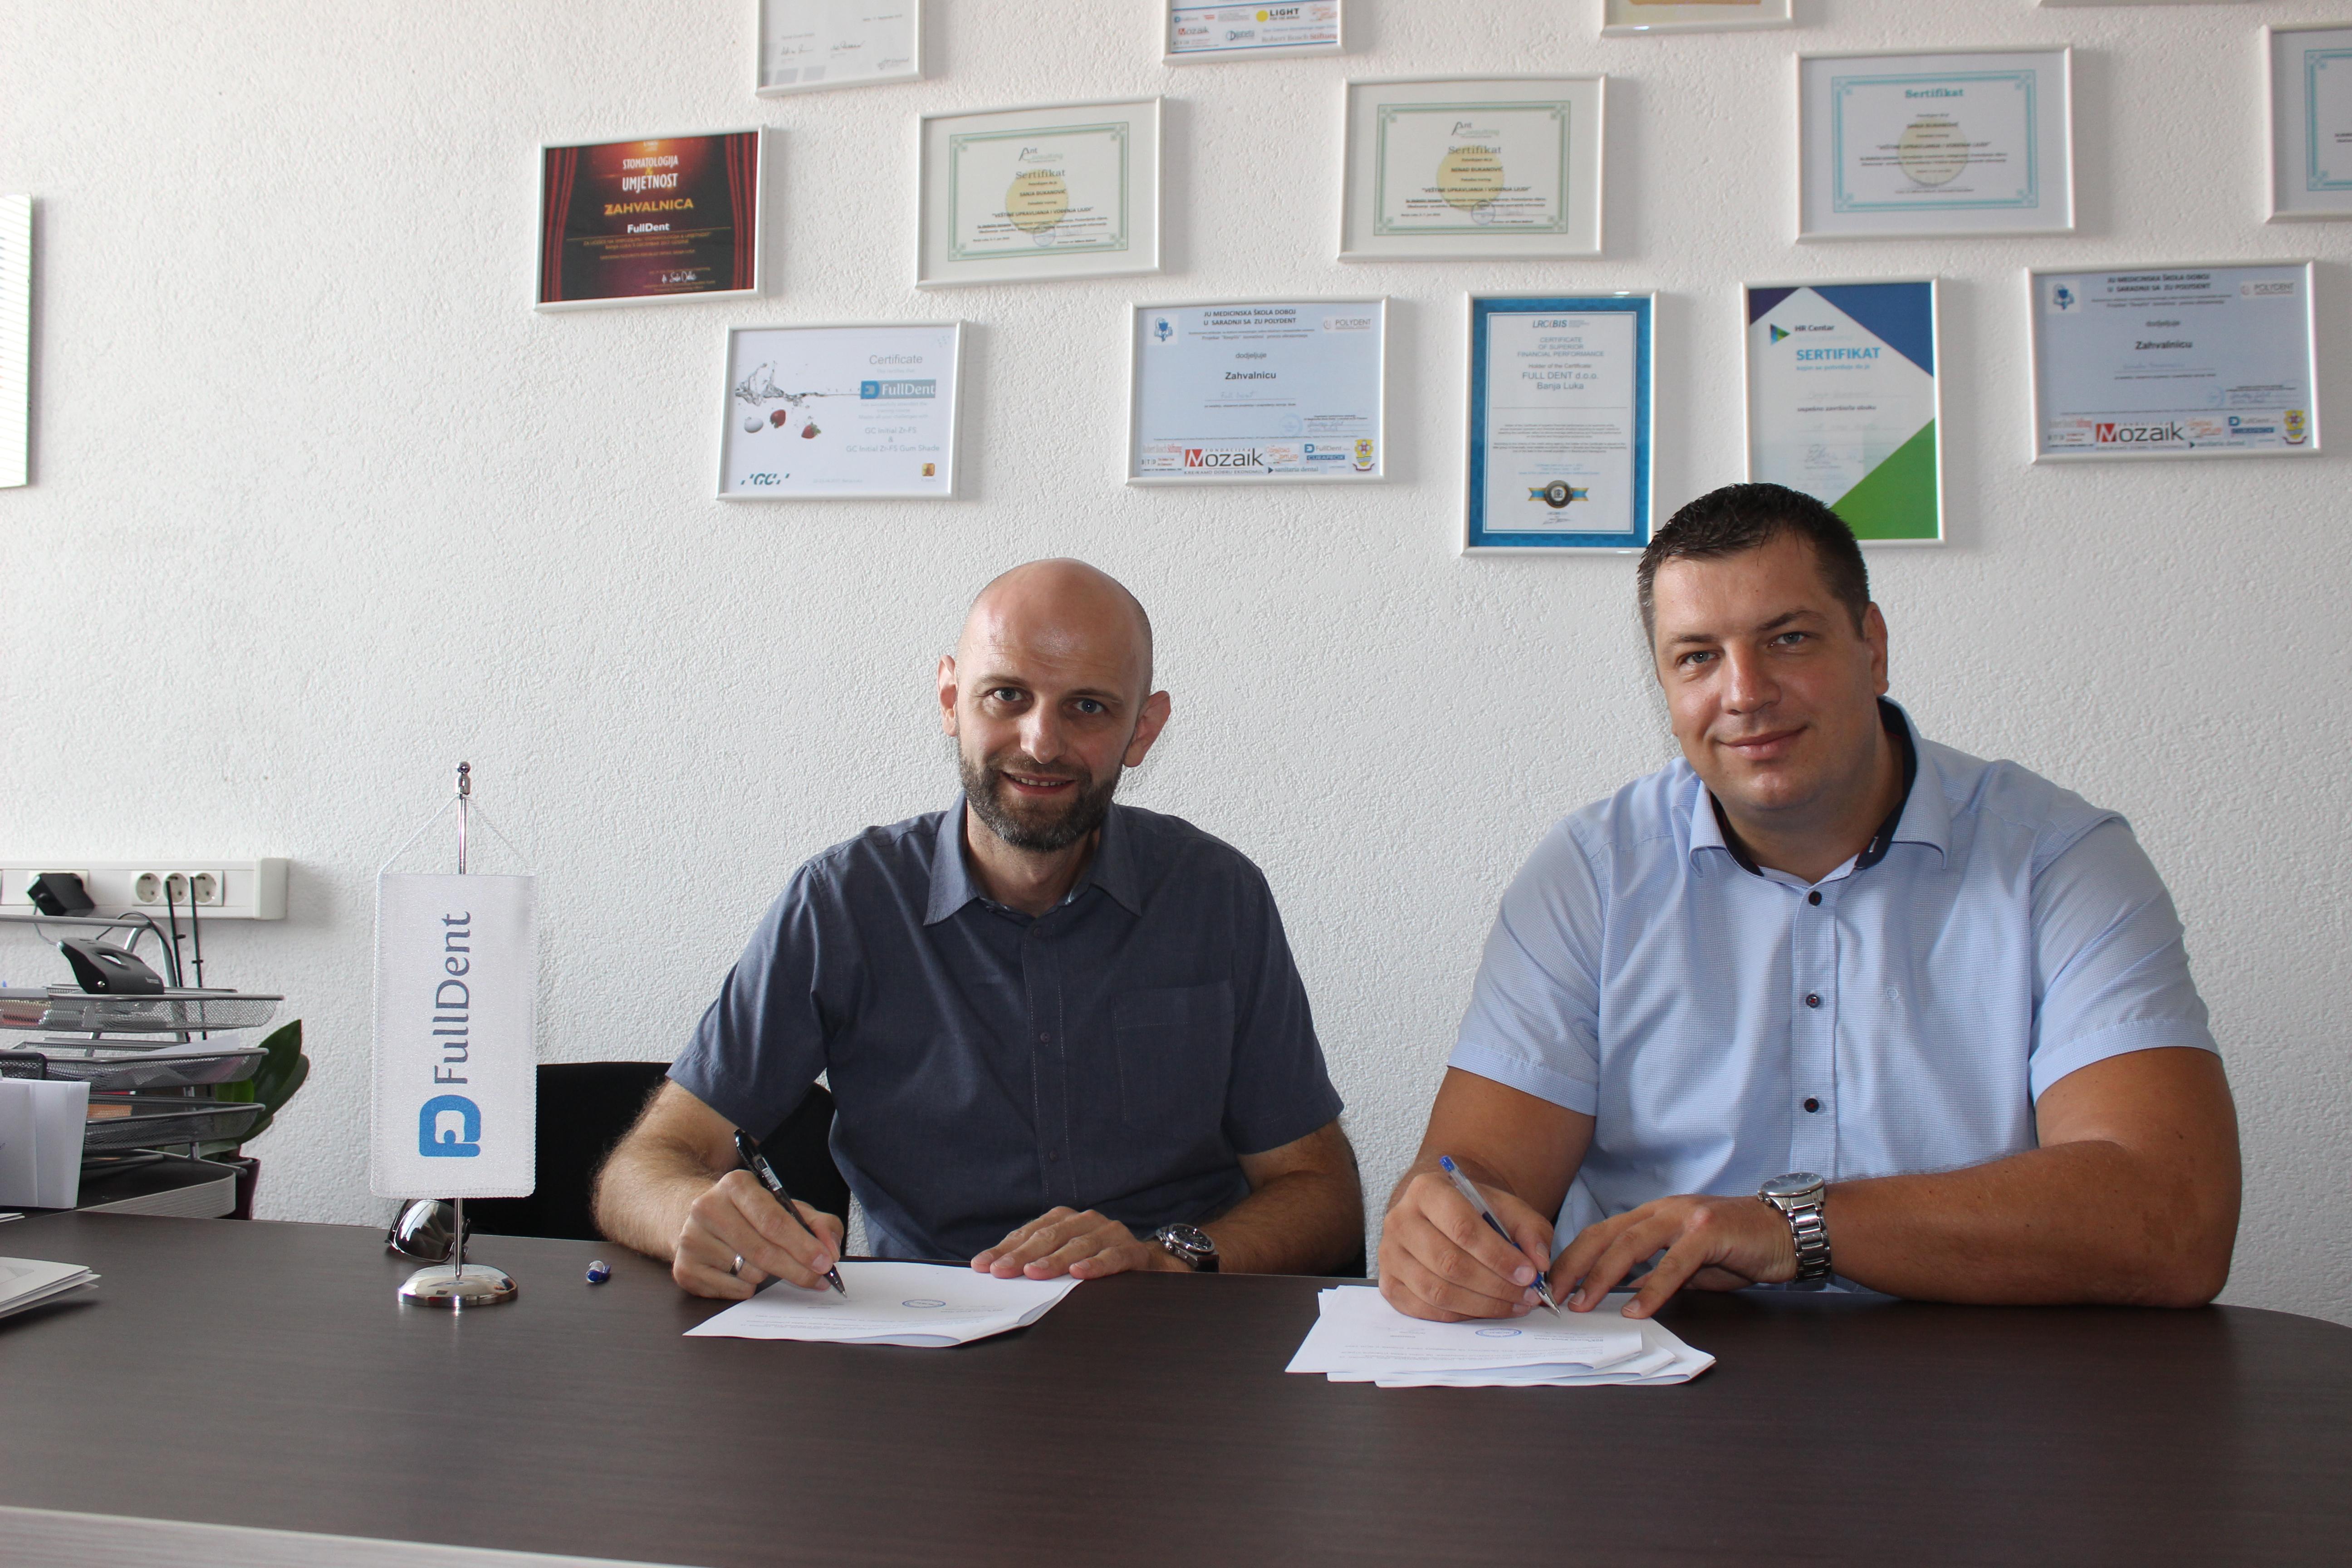 Full Dent sponzor i podrška ekipi OKK Borac